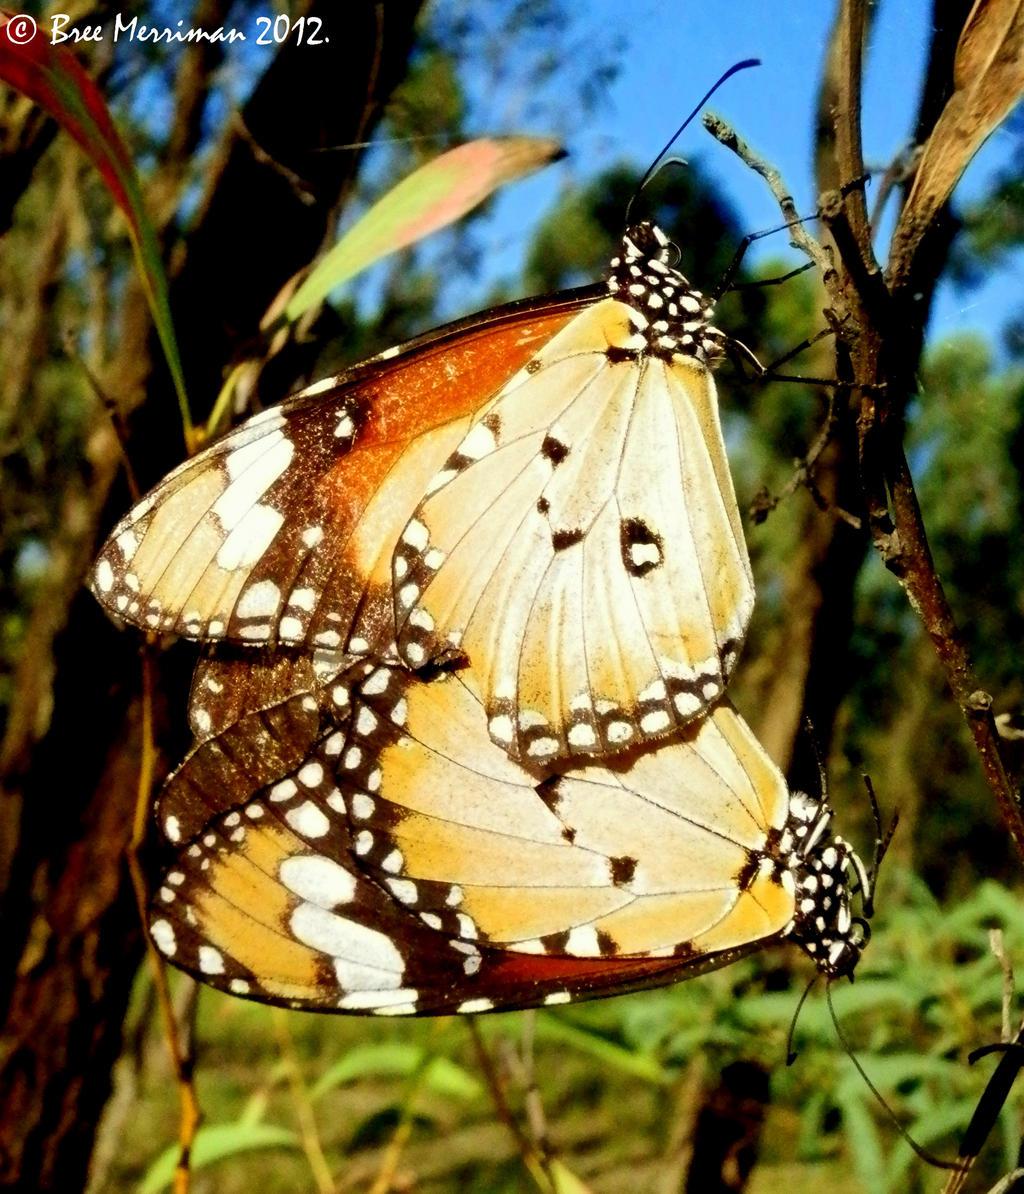 Lesser Wanderer Butterflies Mating by BreeSpawn